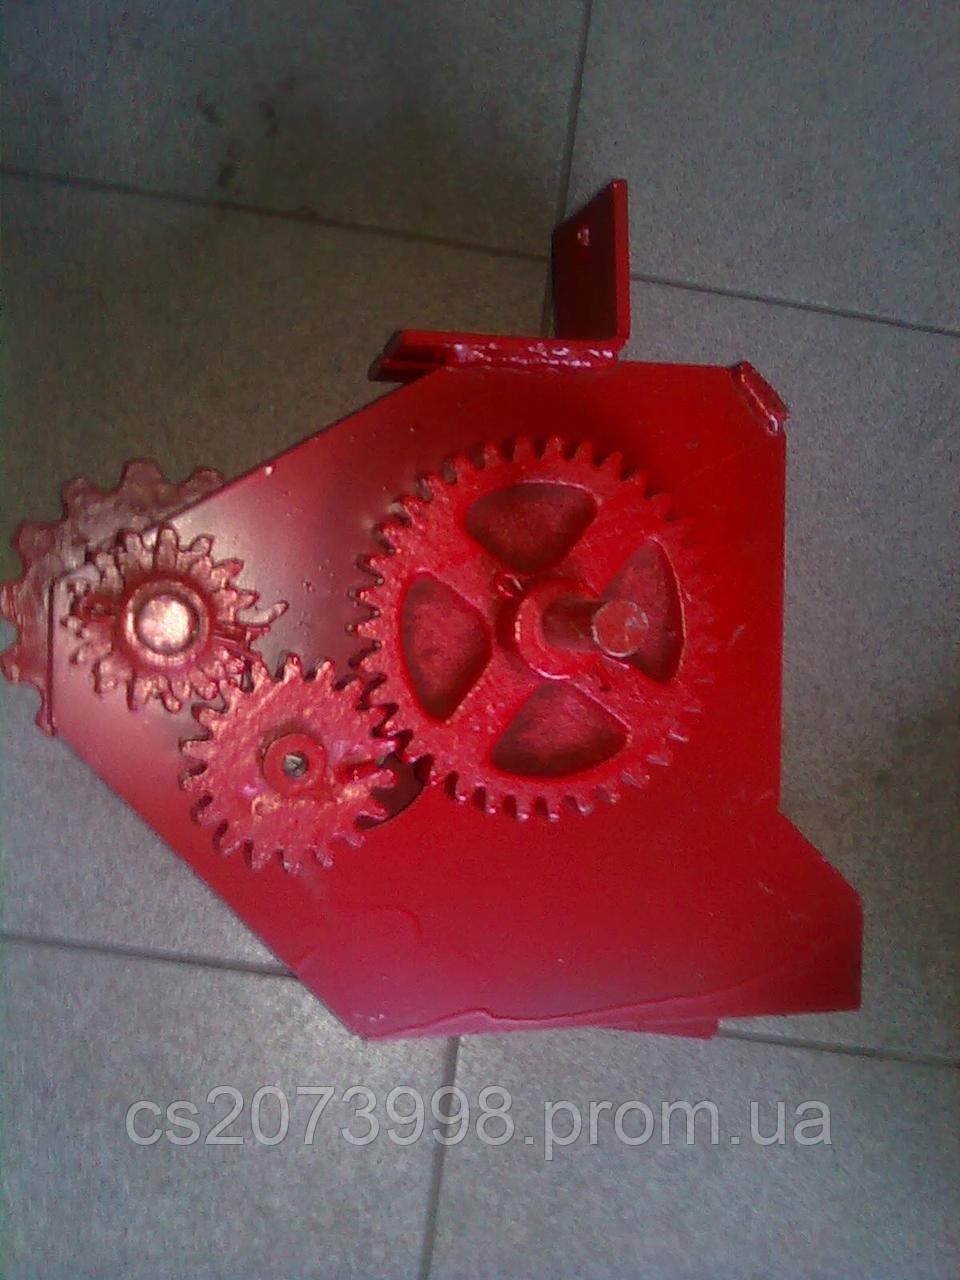 Редуктор туковый, механизм передач, привязка  сеялки СУПН 8-01 (ССГ 00.1660-01-5Т)